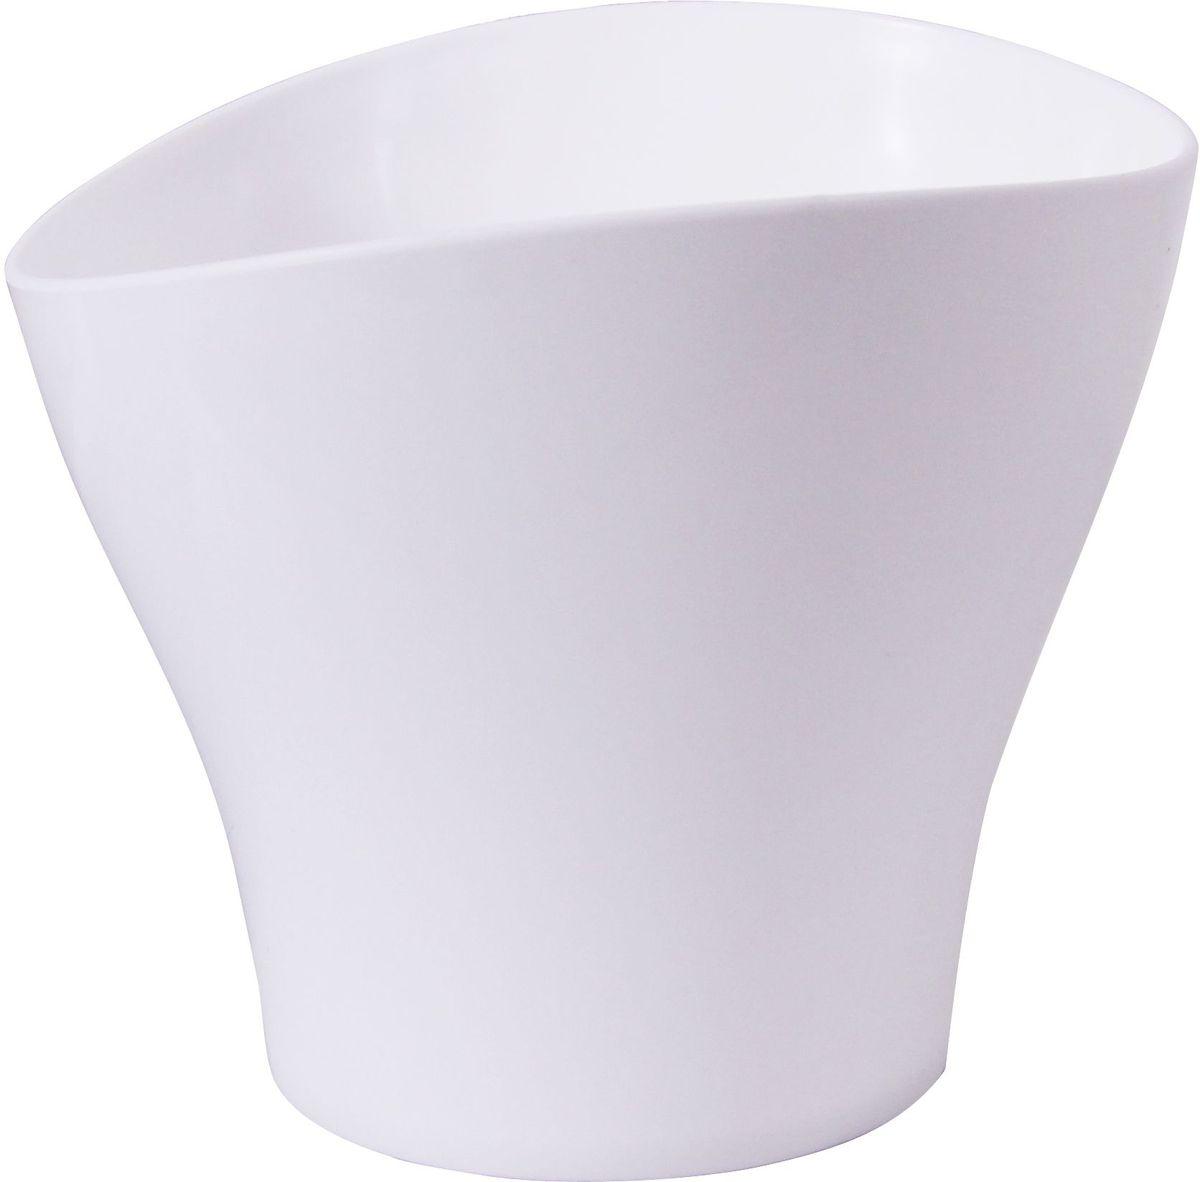 """Кашпо Idea """"Волна"""" изготовлено из прочного полипропилена (пластика) и предназначено для выращивания растений, цветов и трав в домашних условиях. Такое кашпо порадует вас функциональностью, а благодаря лаконичному дизайну впишется в любой интерьер помещения. Объем кашпо: 0,8 л."""